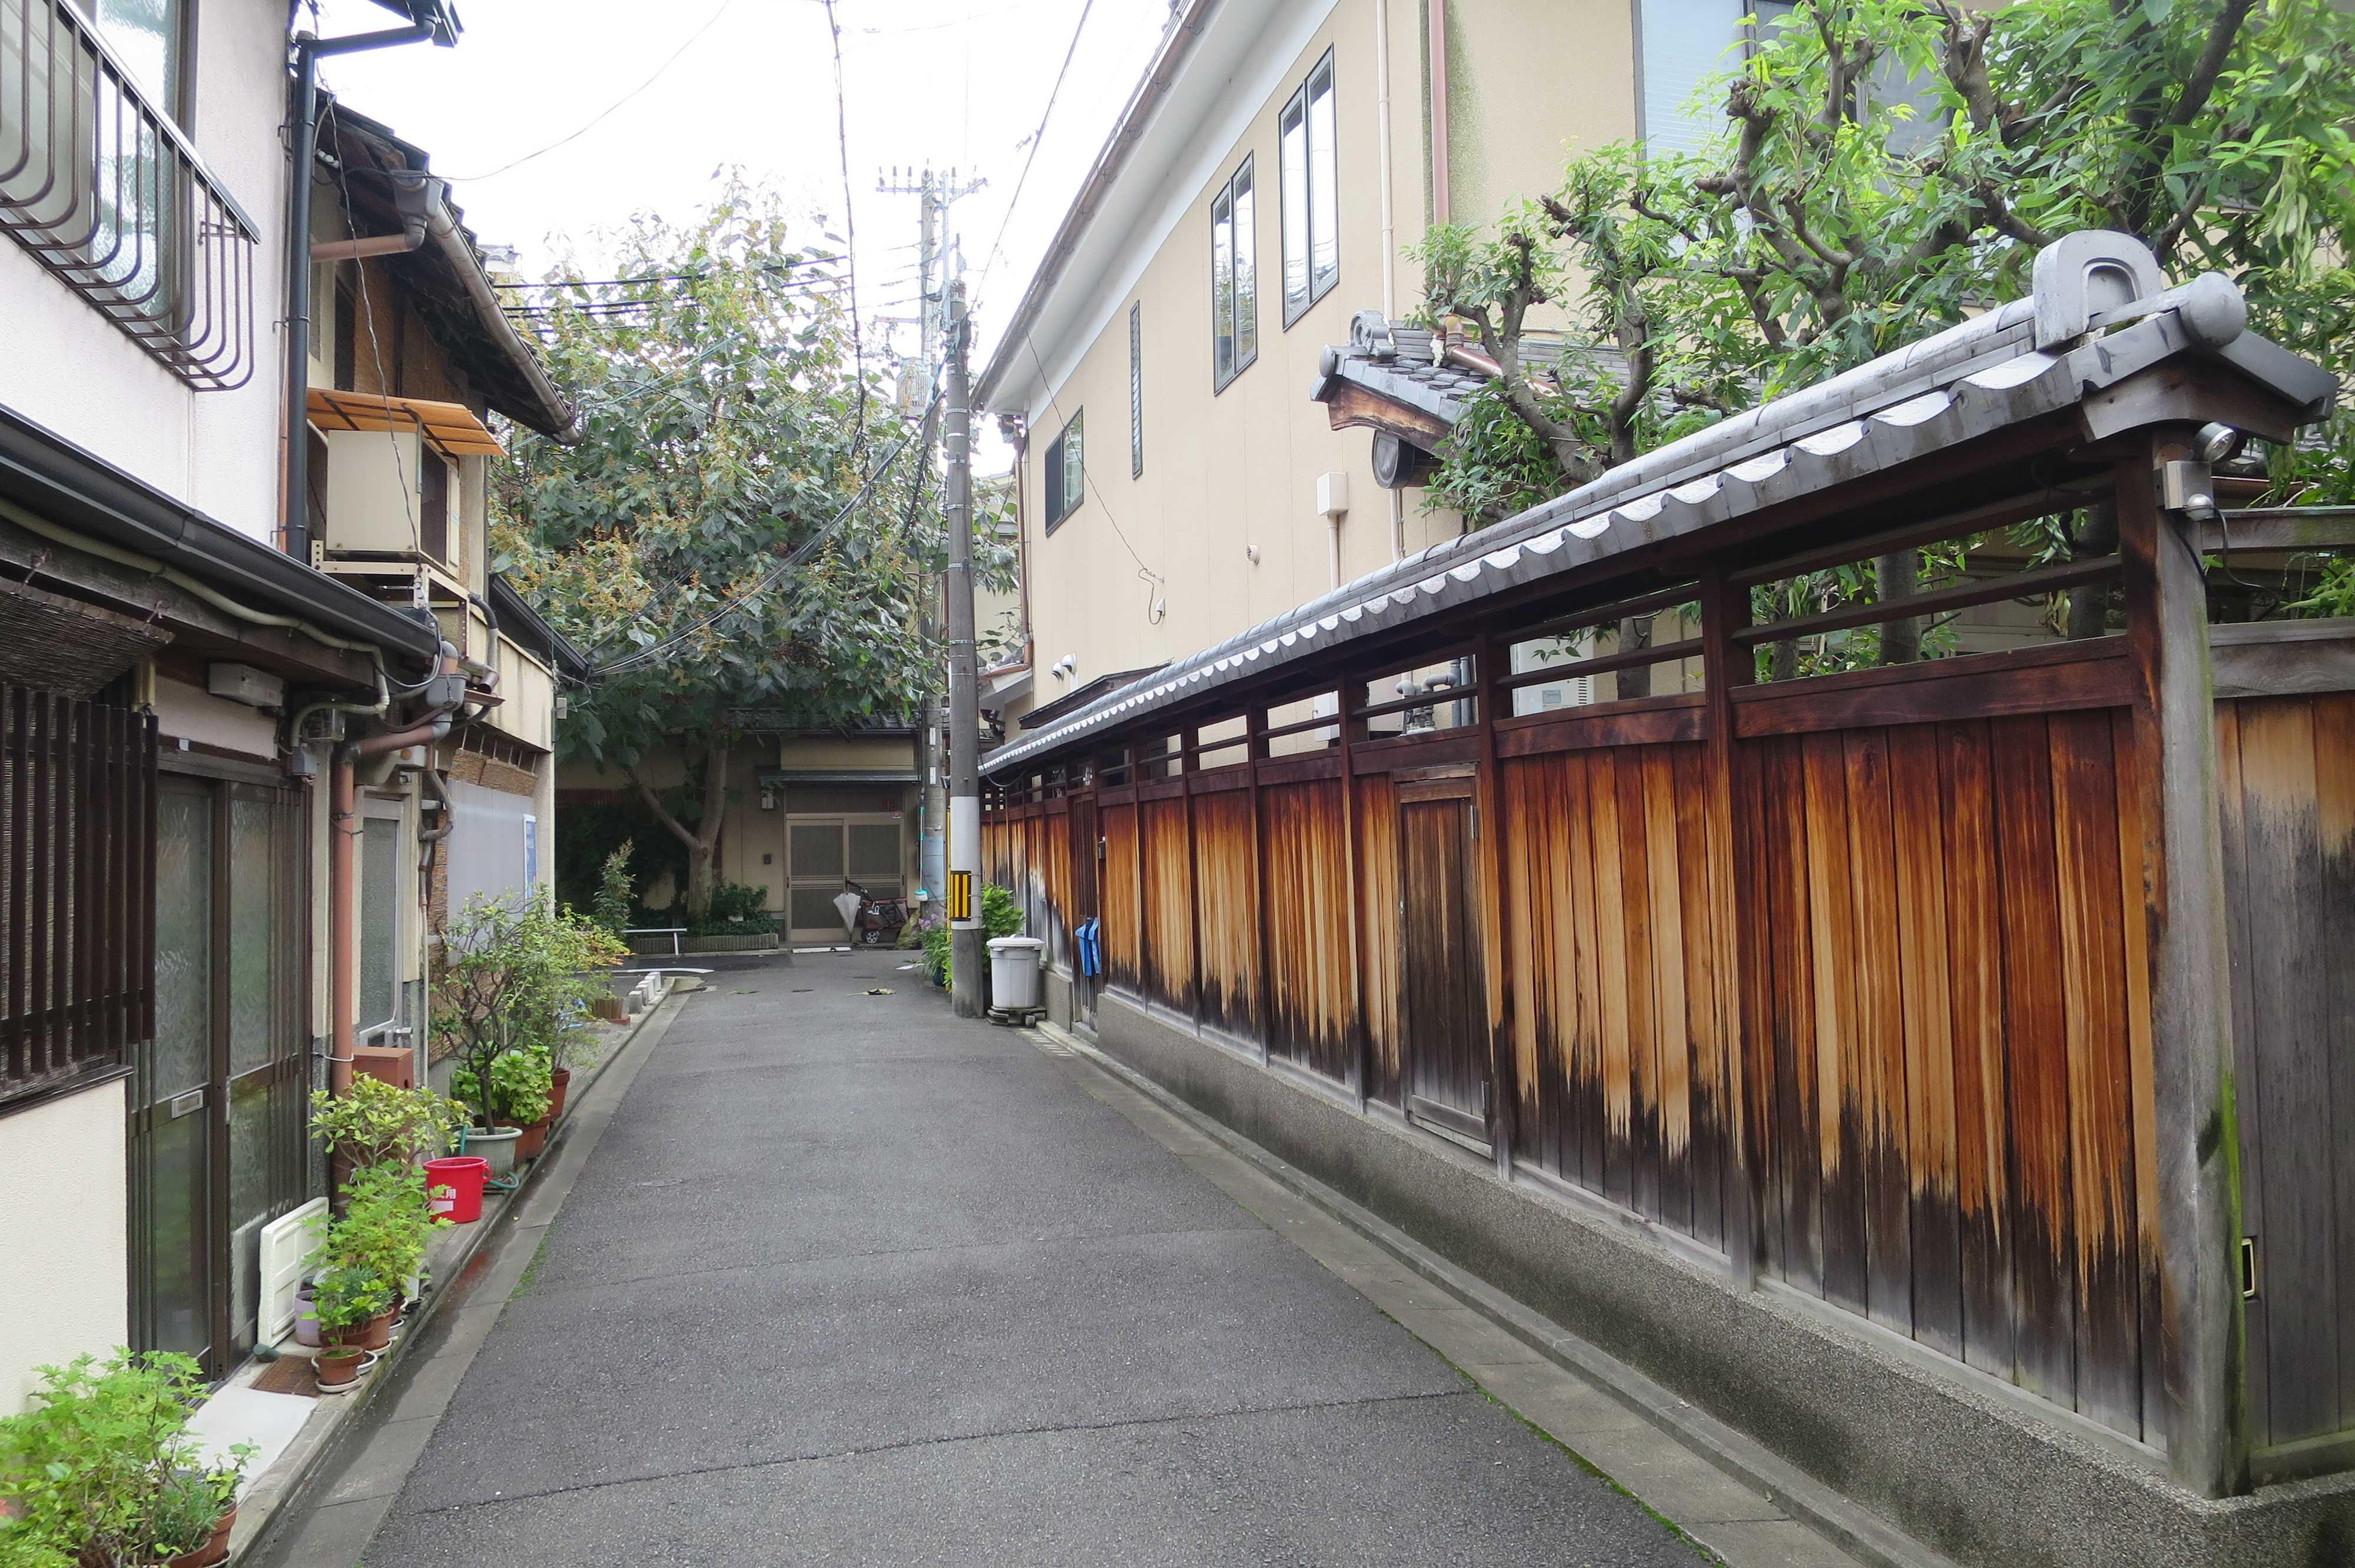 京都・五条楽園 - 焼杉板の色が美しい家